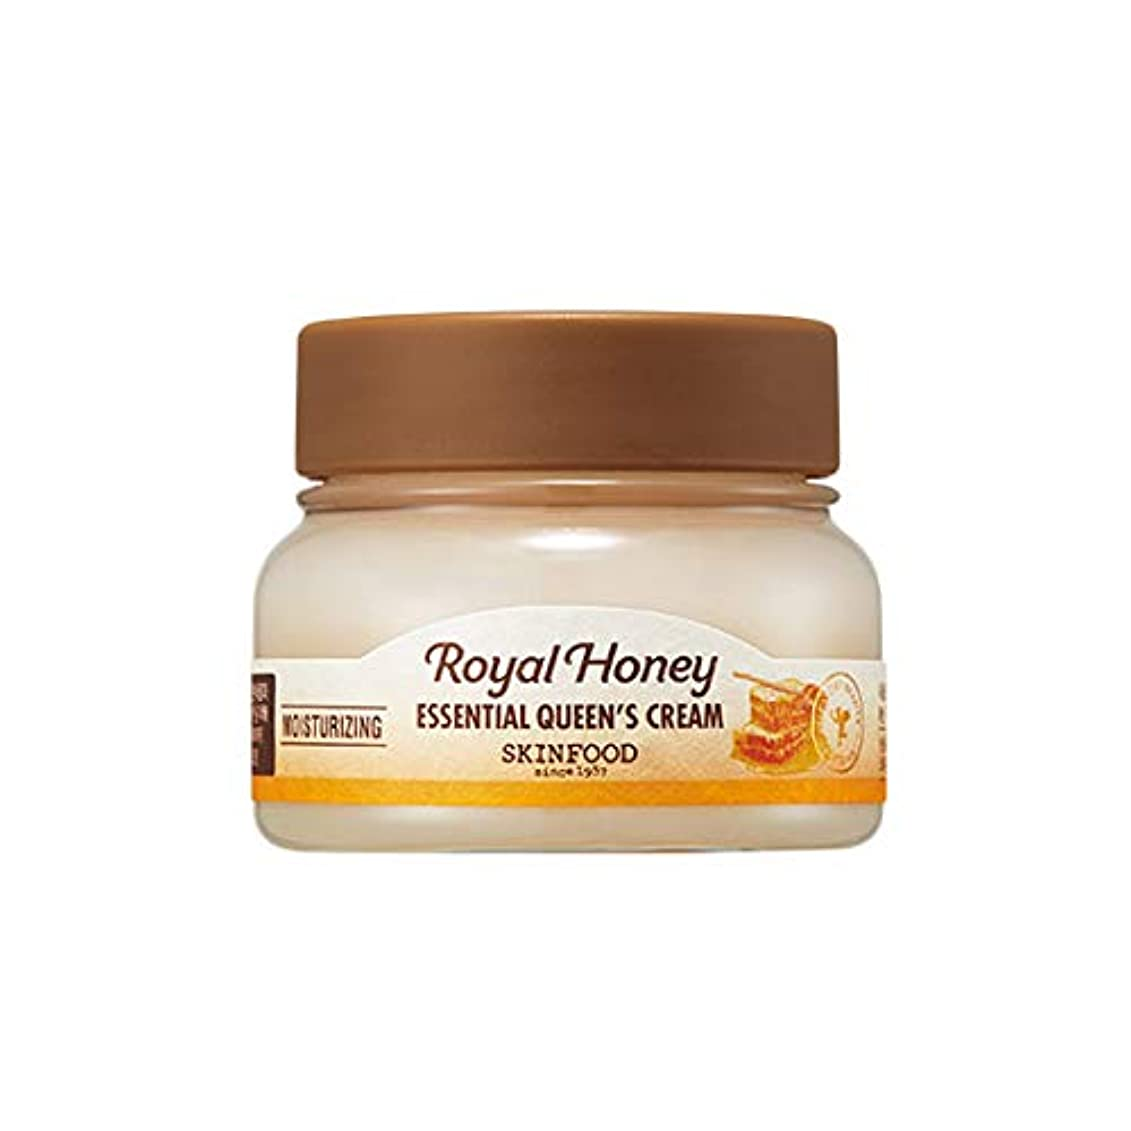 主にラメ職業Skinfood ロイヤルハニーエッセンシャルクイーンクリーム/Royal Honey Essential Queen's Cream 62ml [並行輸入品]